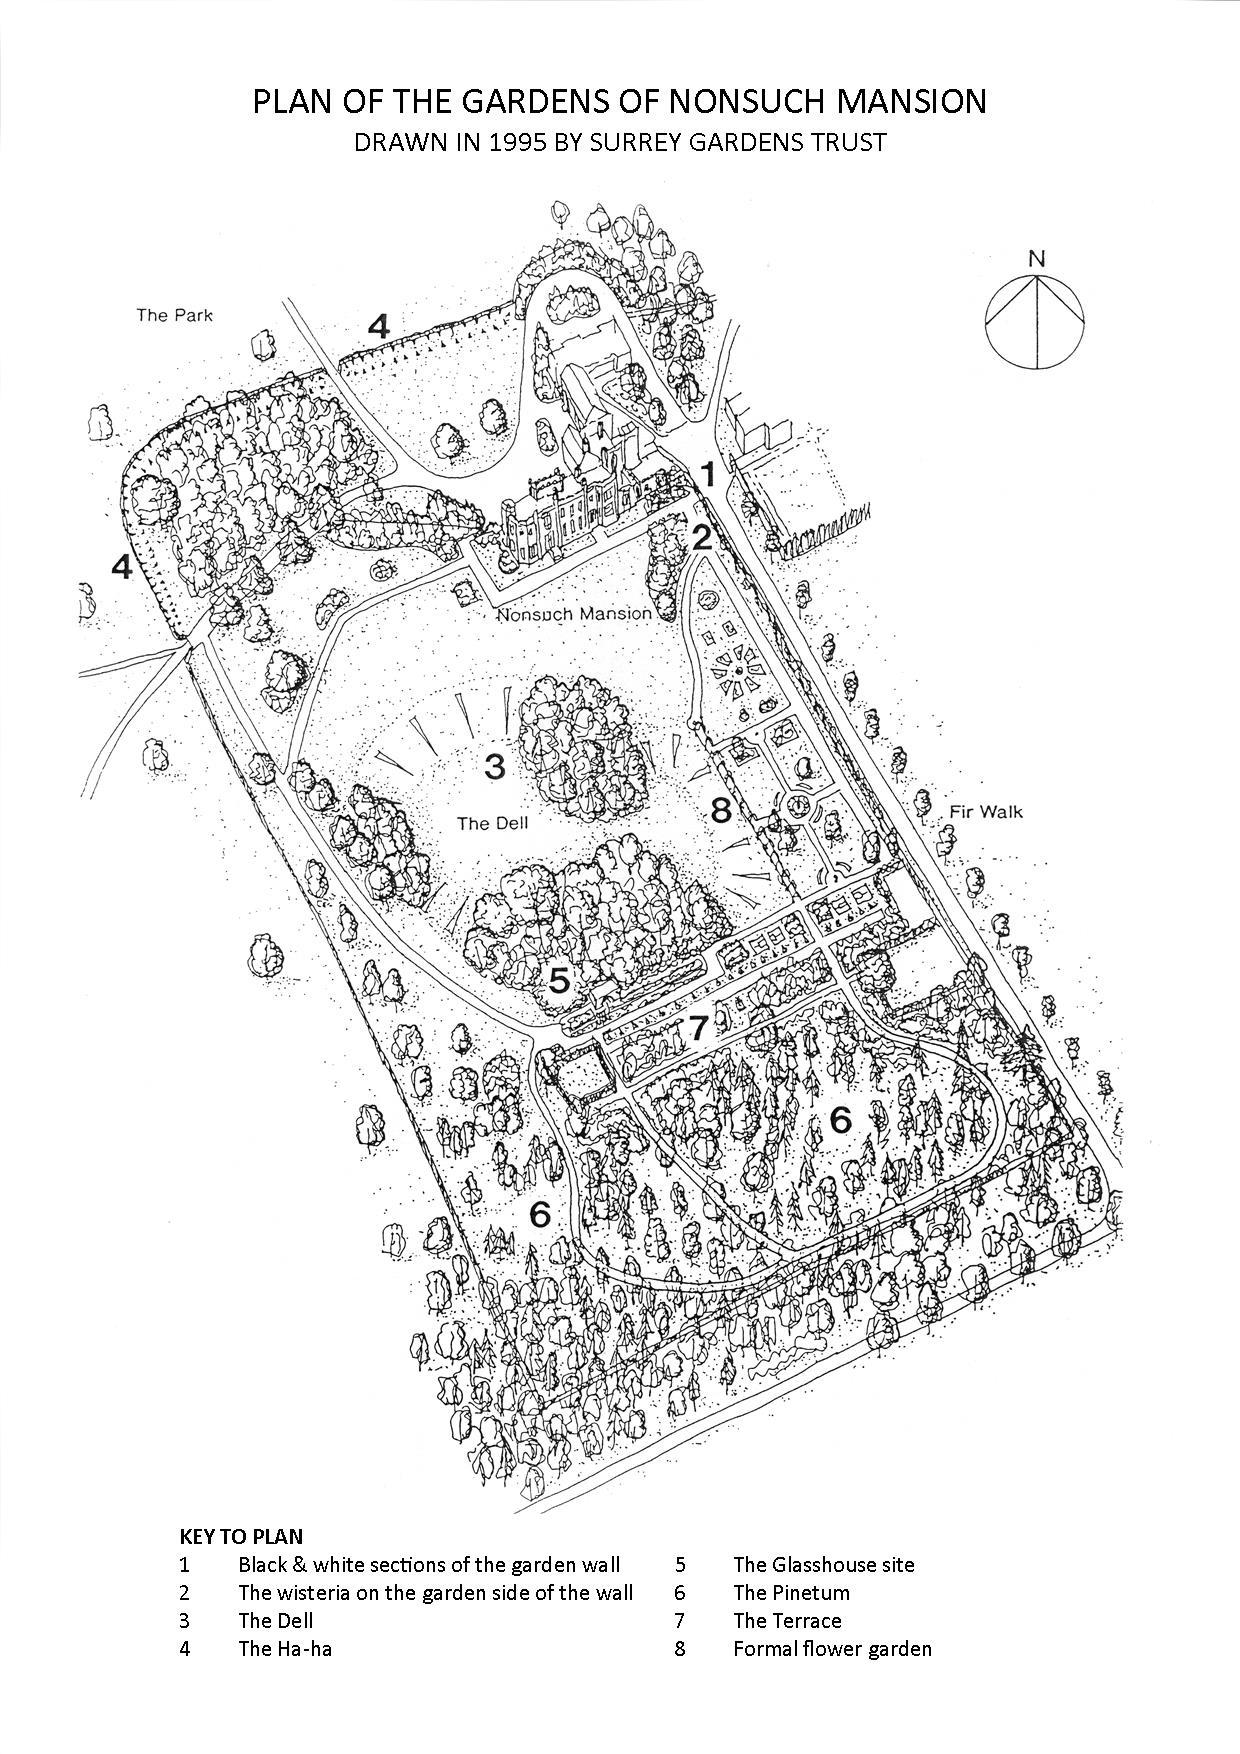 Plan of Nonsuch Mansion garden drawn by Surrey Gardens Trust in 1995